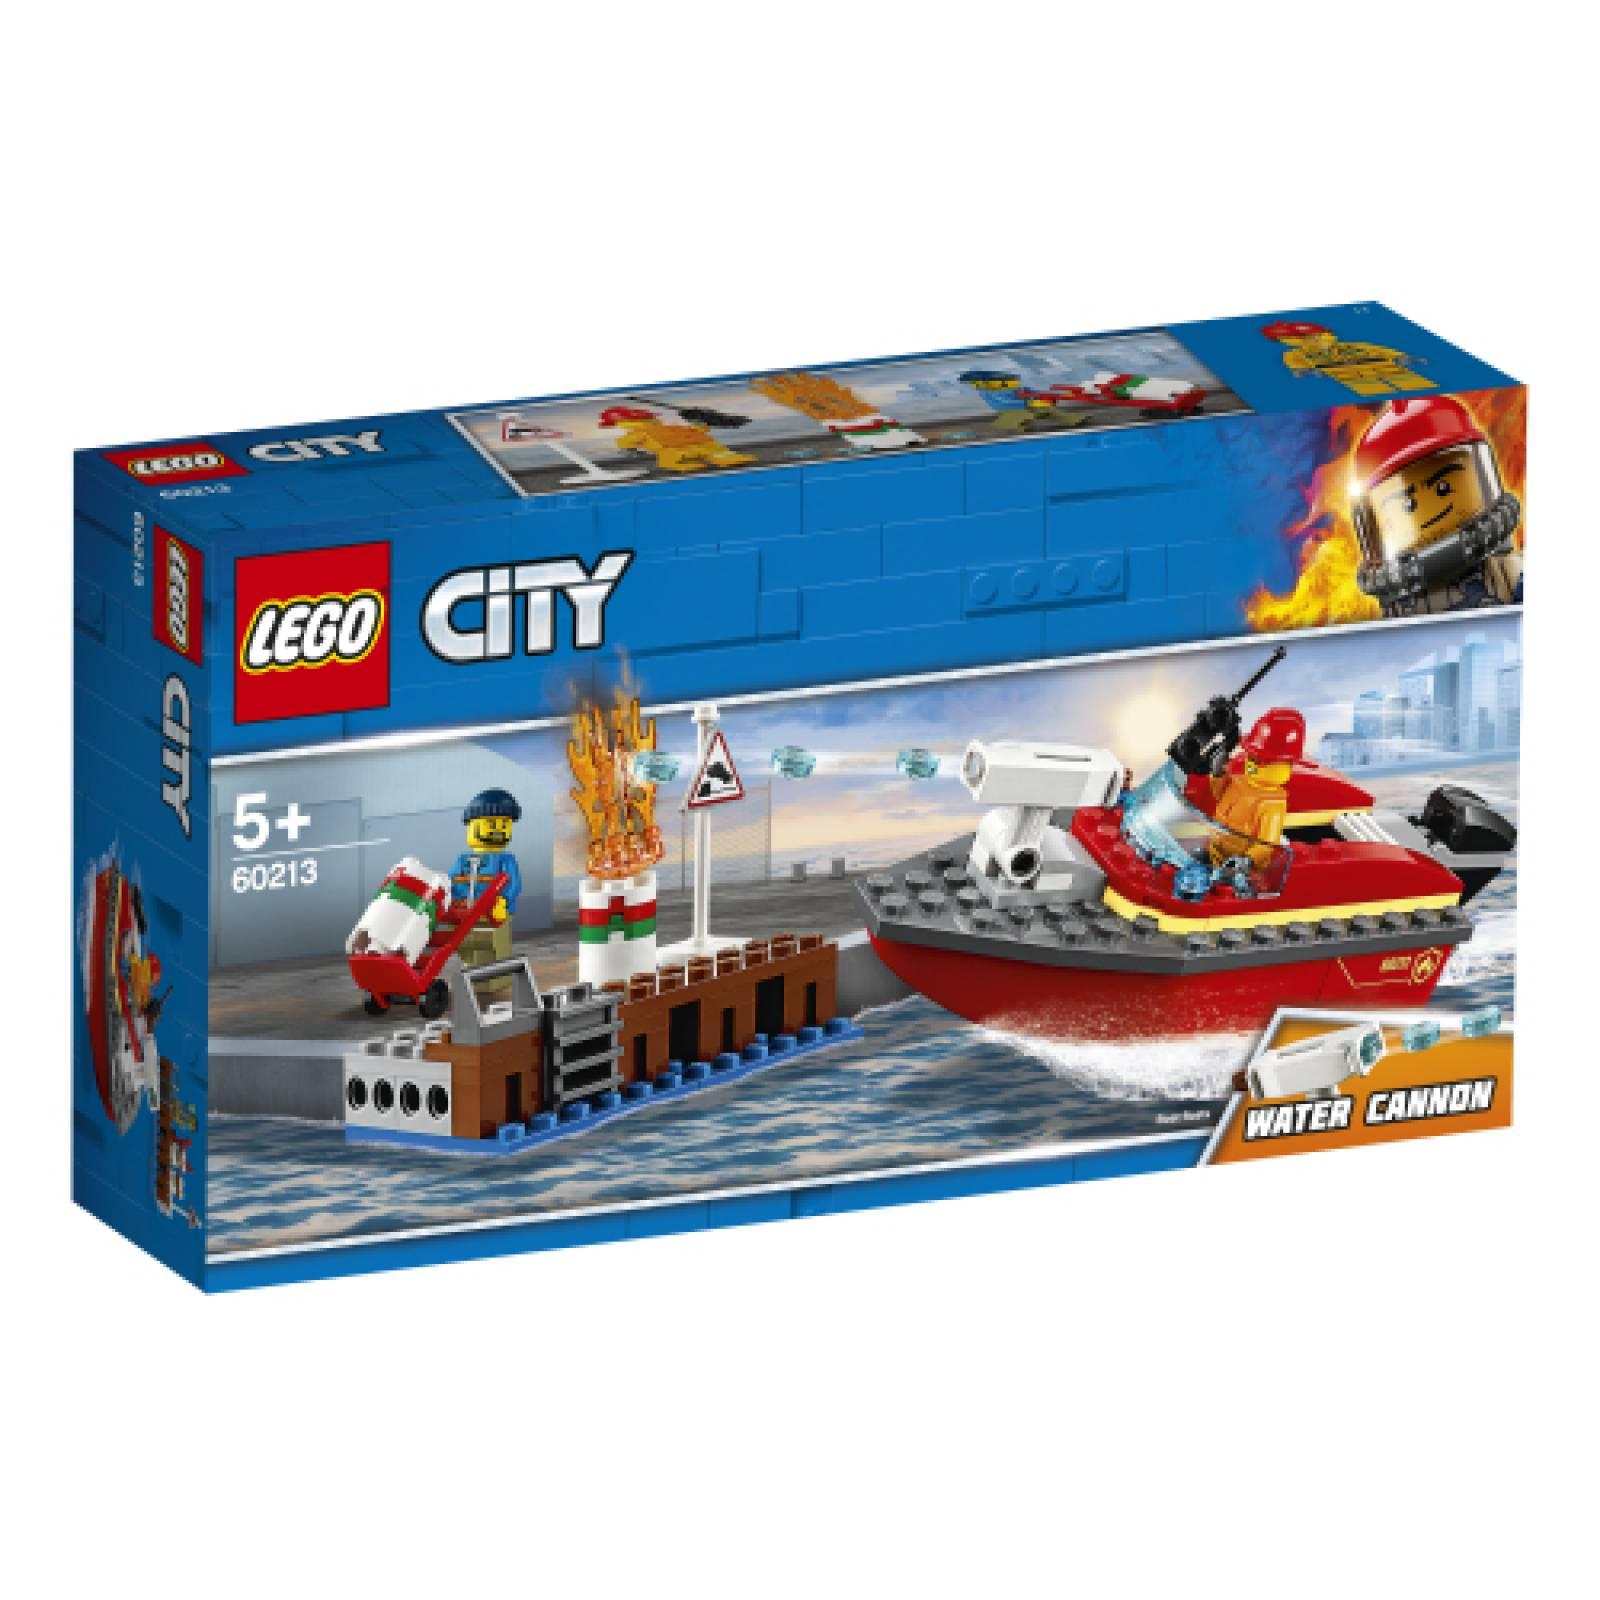 LEGO City Dock Side Fire 60213